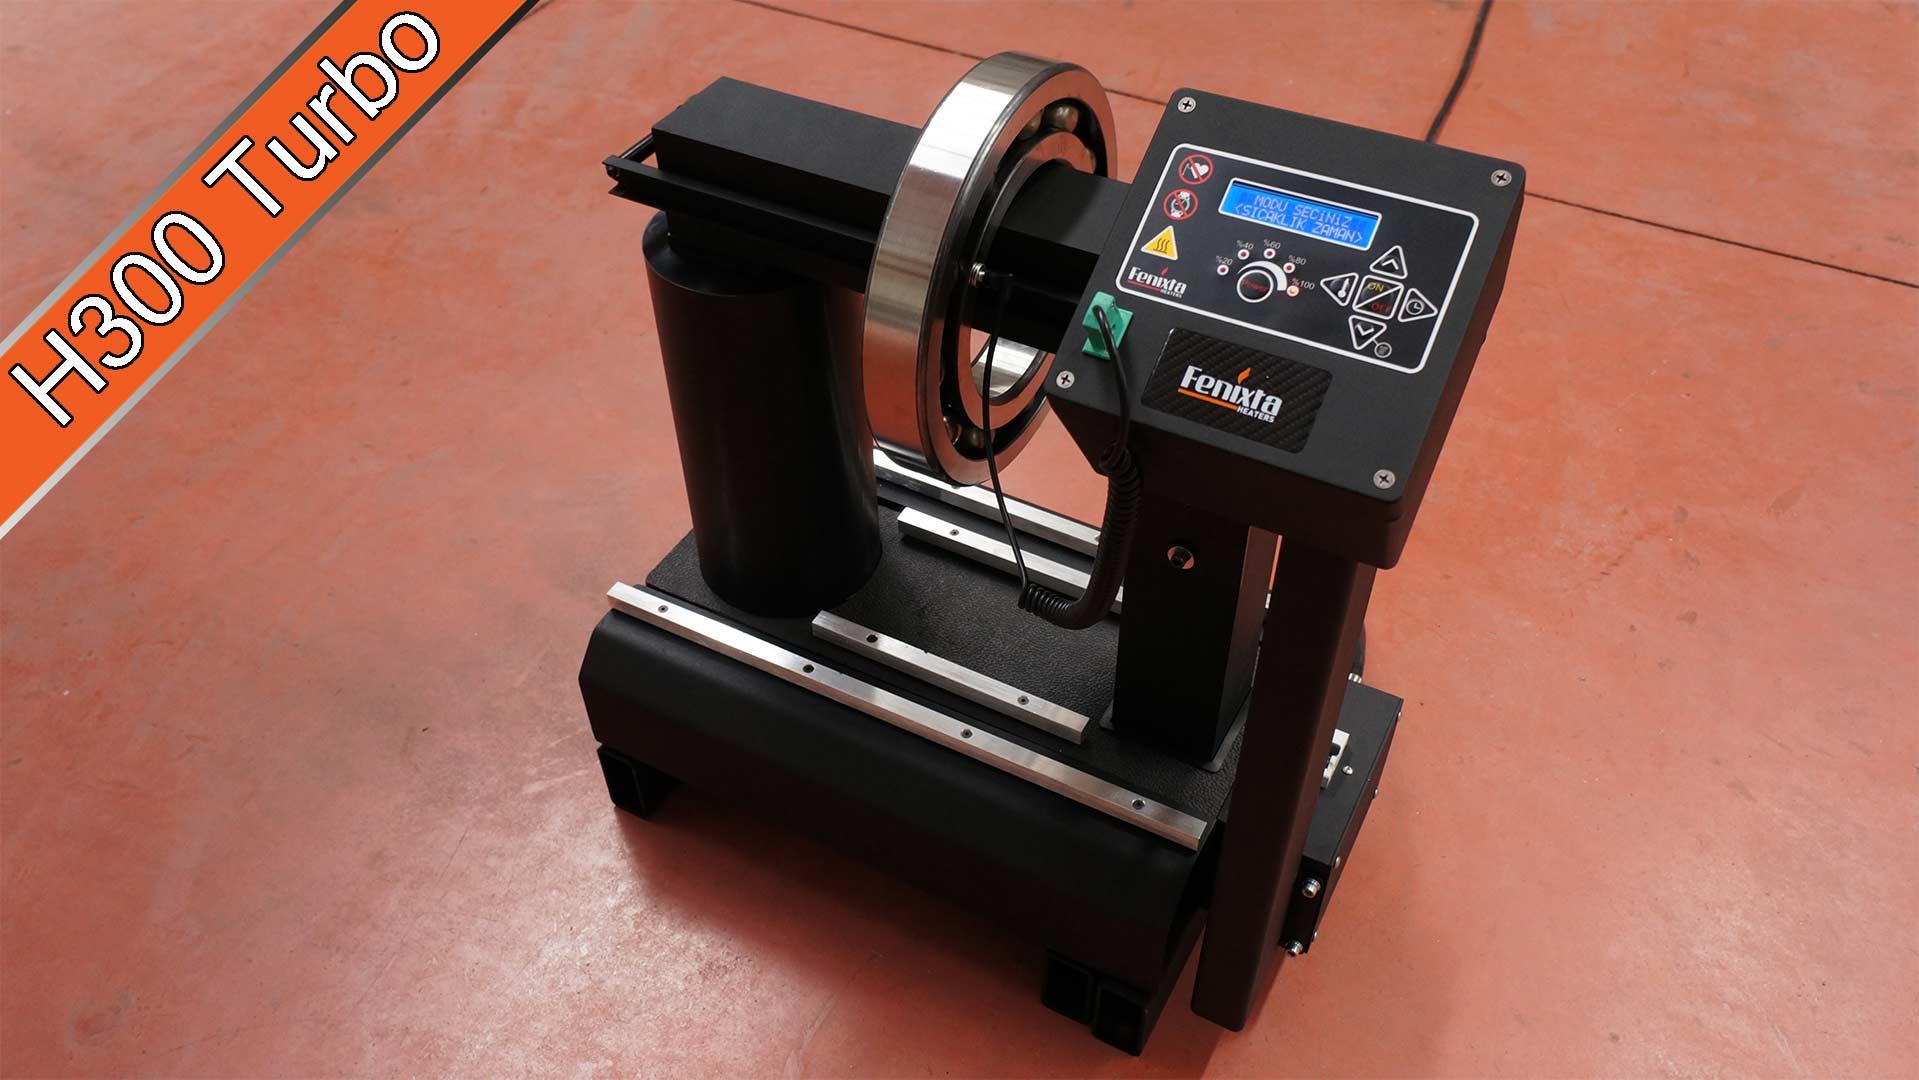 Fenixta H300 turbo bar kapalı (Carousel)